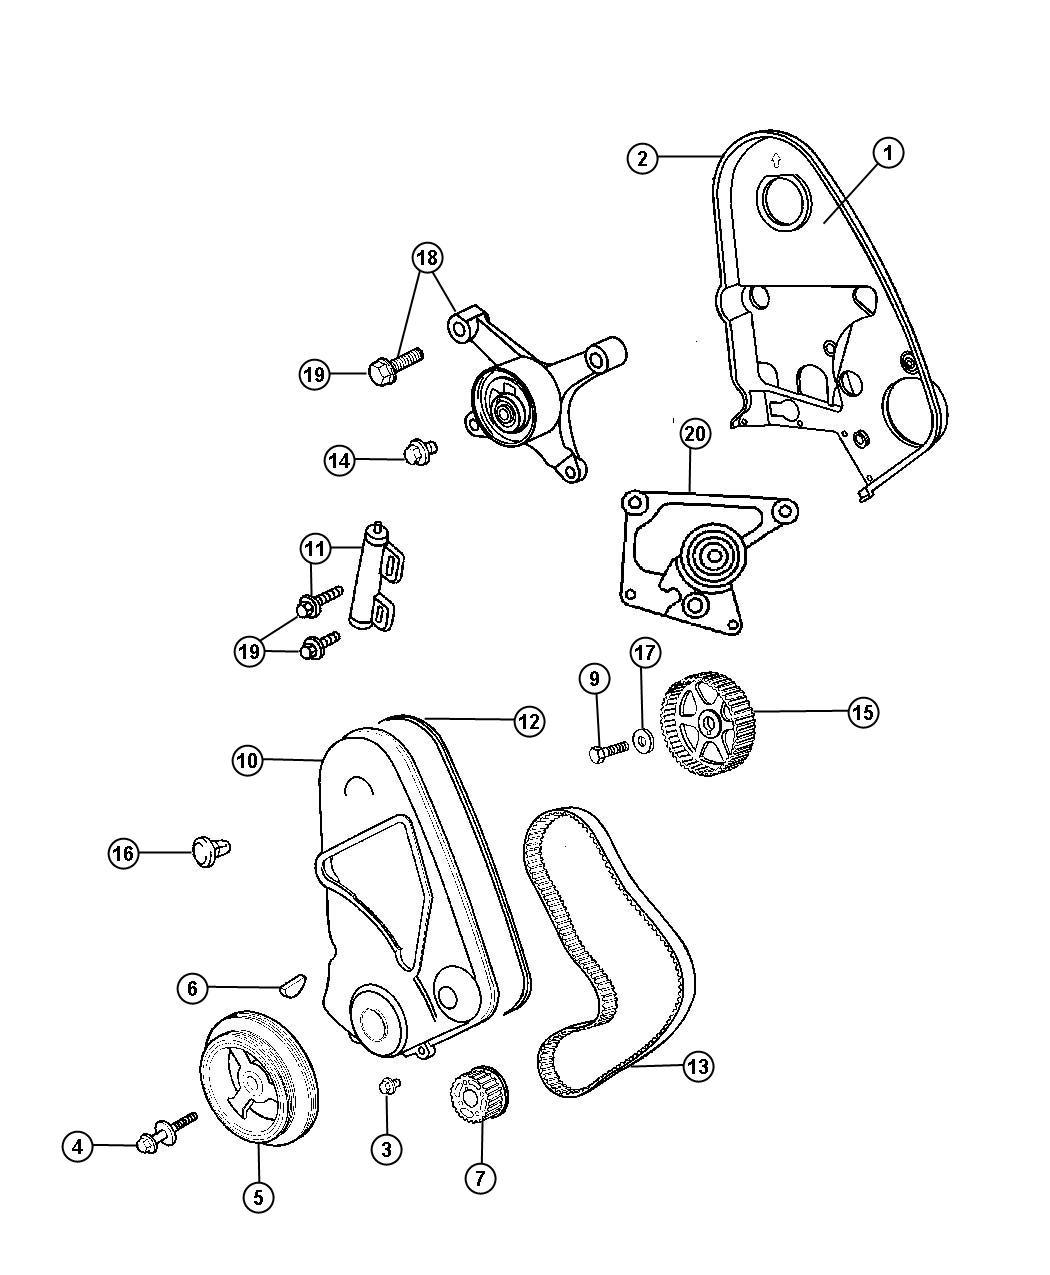 2001 Dodge Neon Engine: 2001 Dodge Neon Bracket. Tensioner. Emissions, Belt, Cover